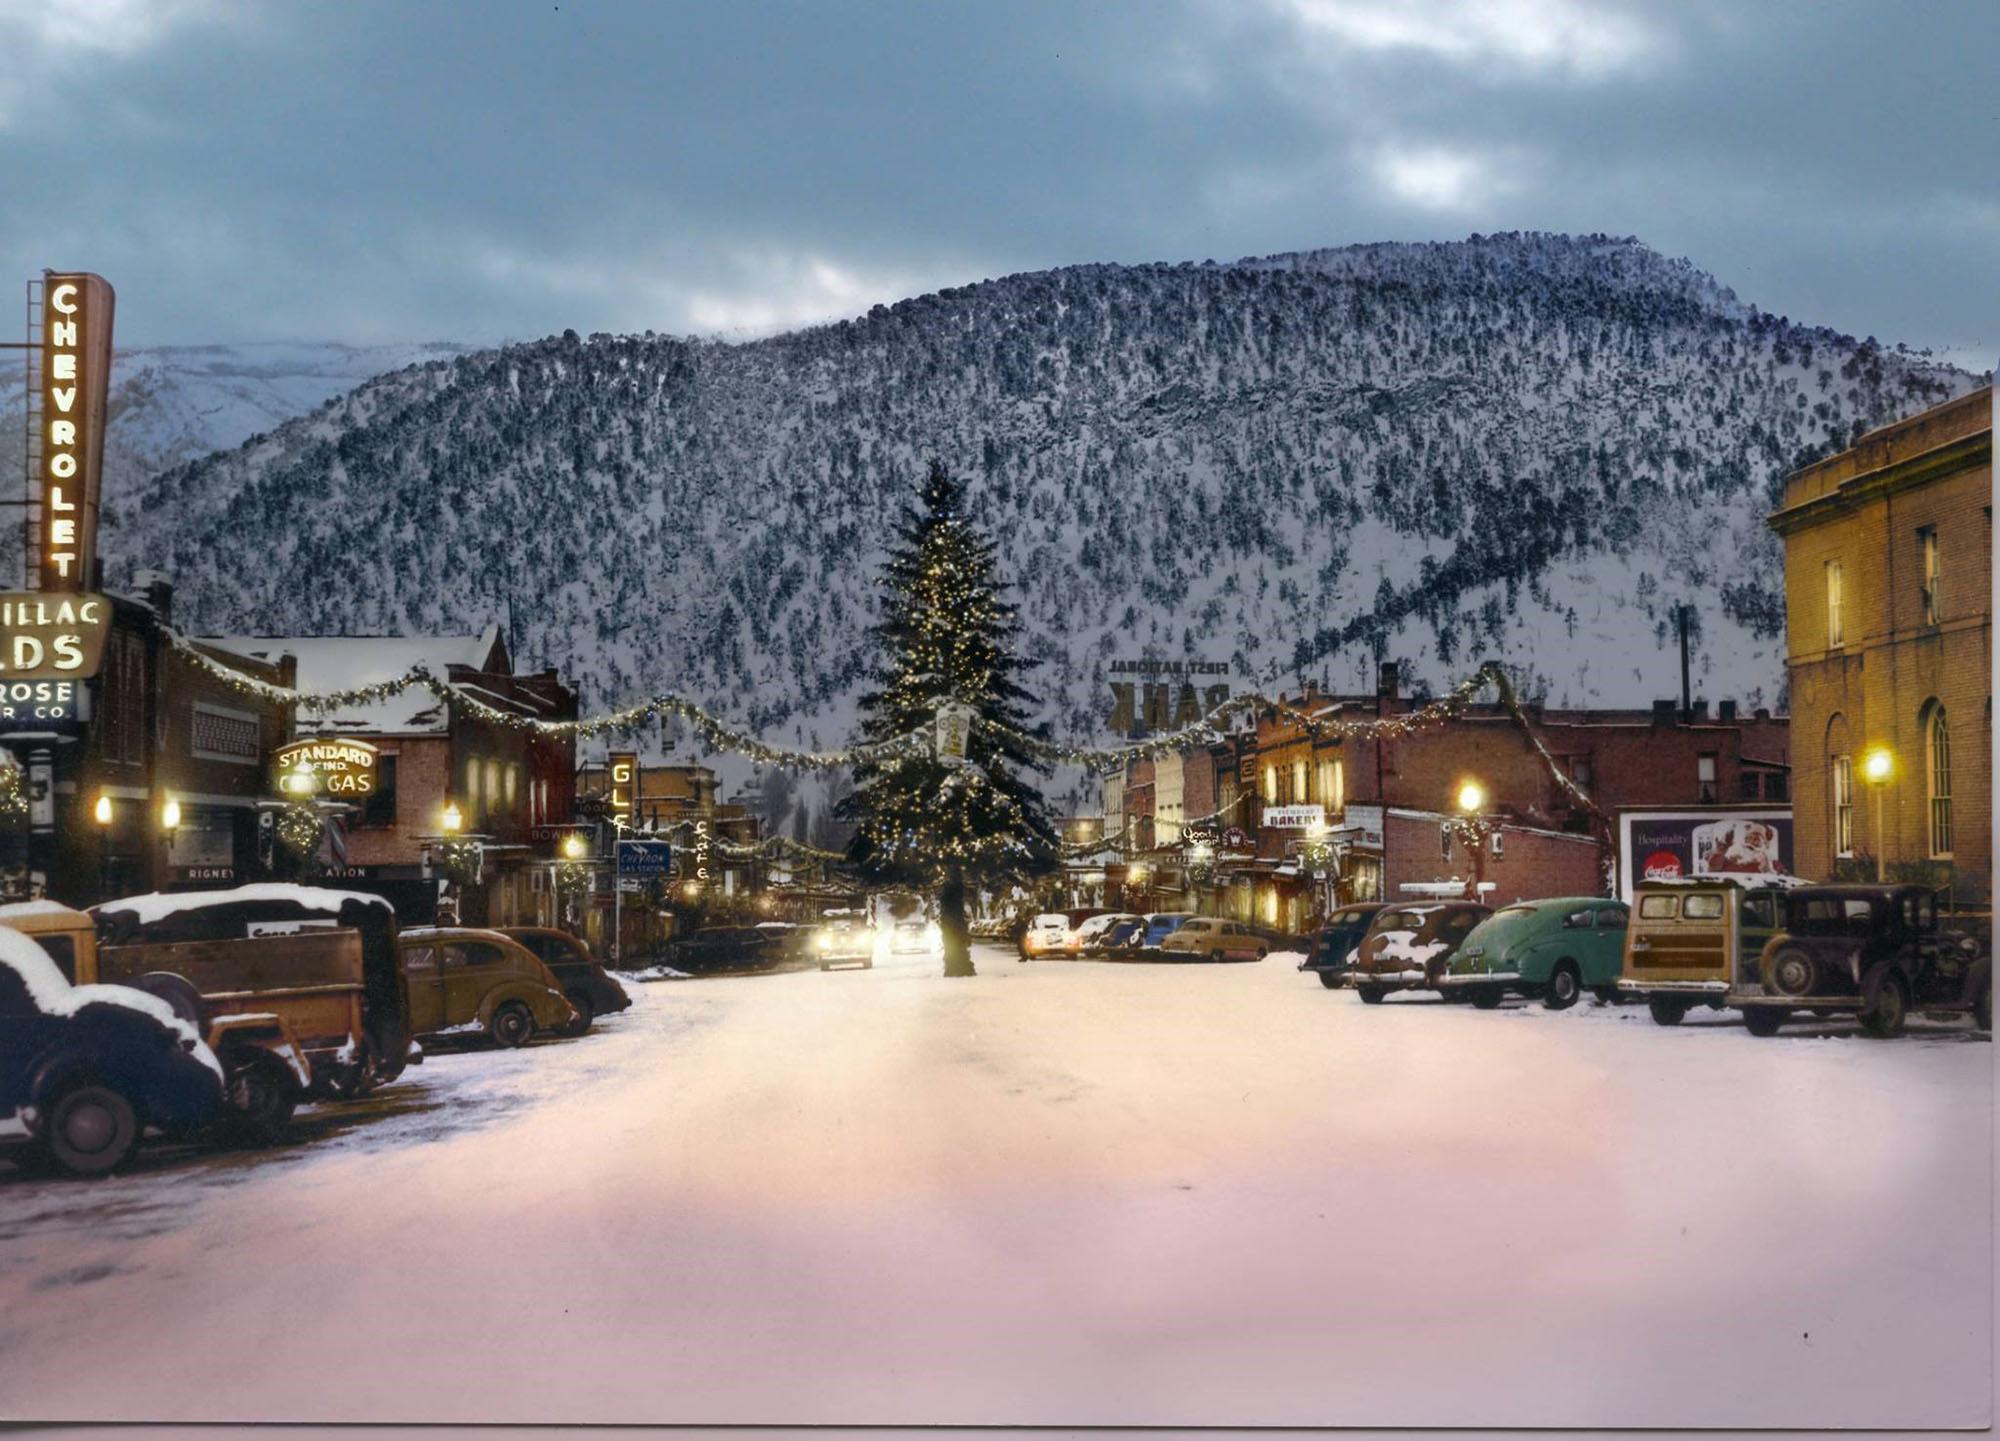 Property Management Glenwood Springs Co